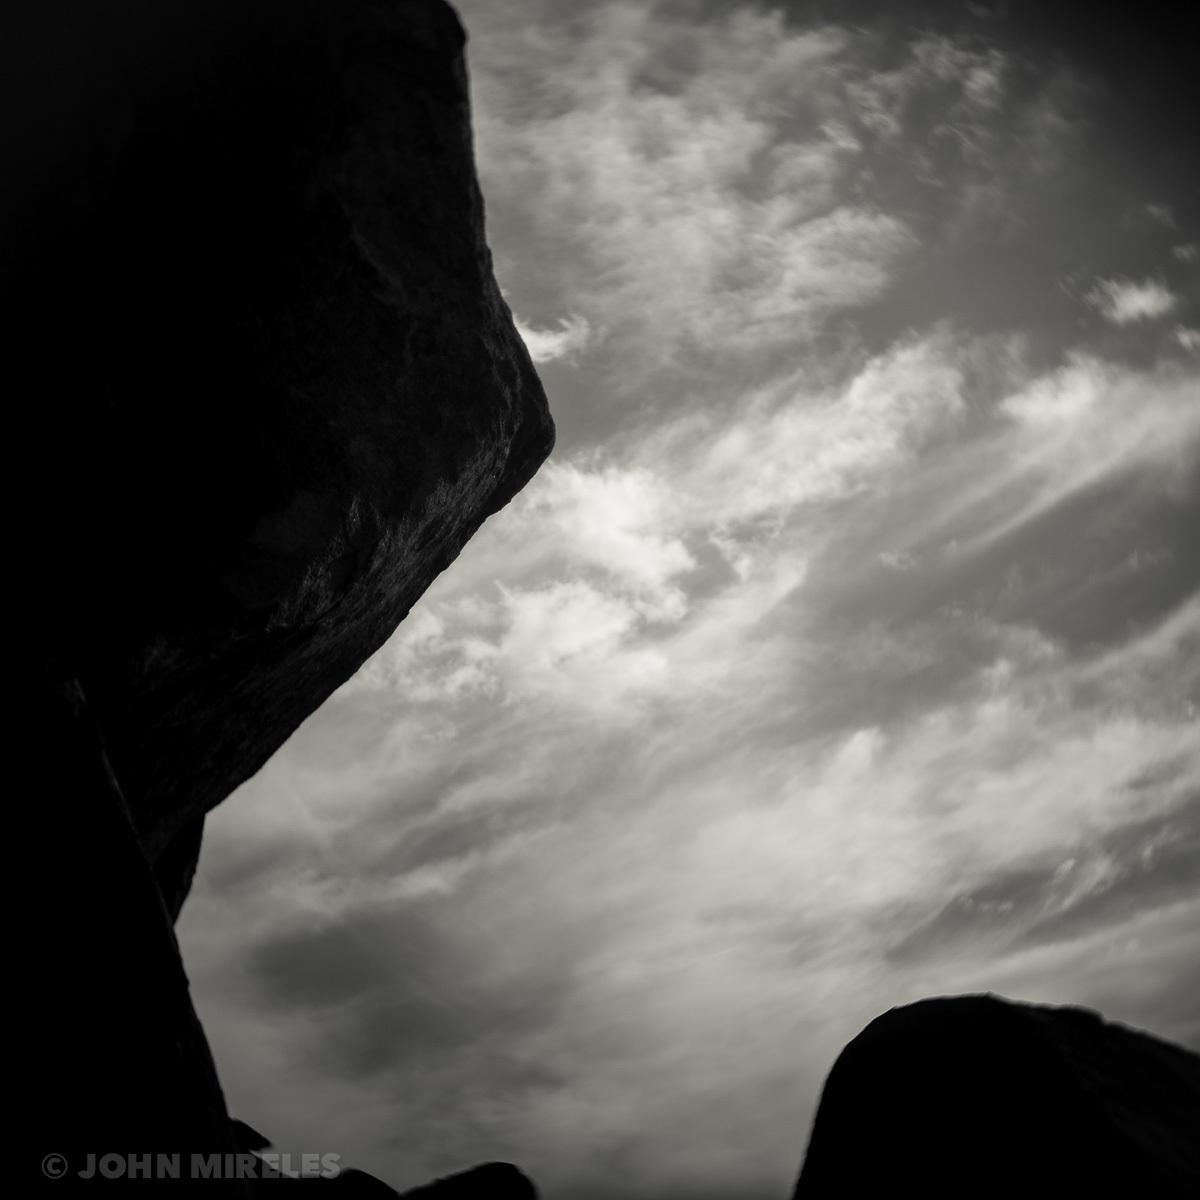 John_mireles-1265.jpg